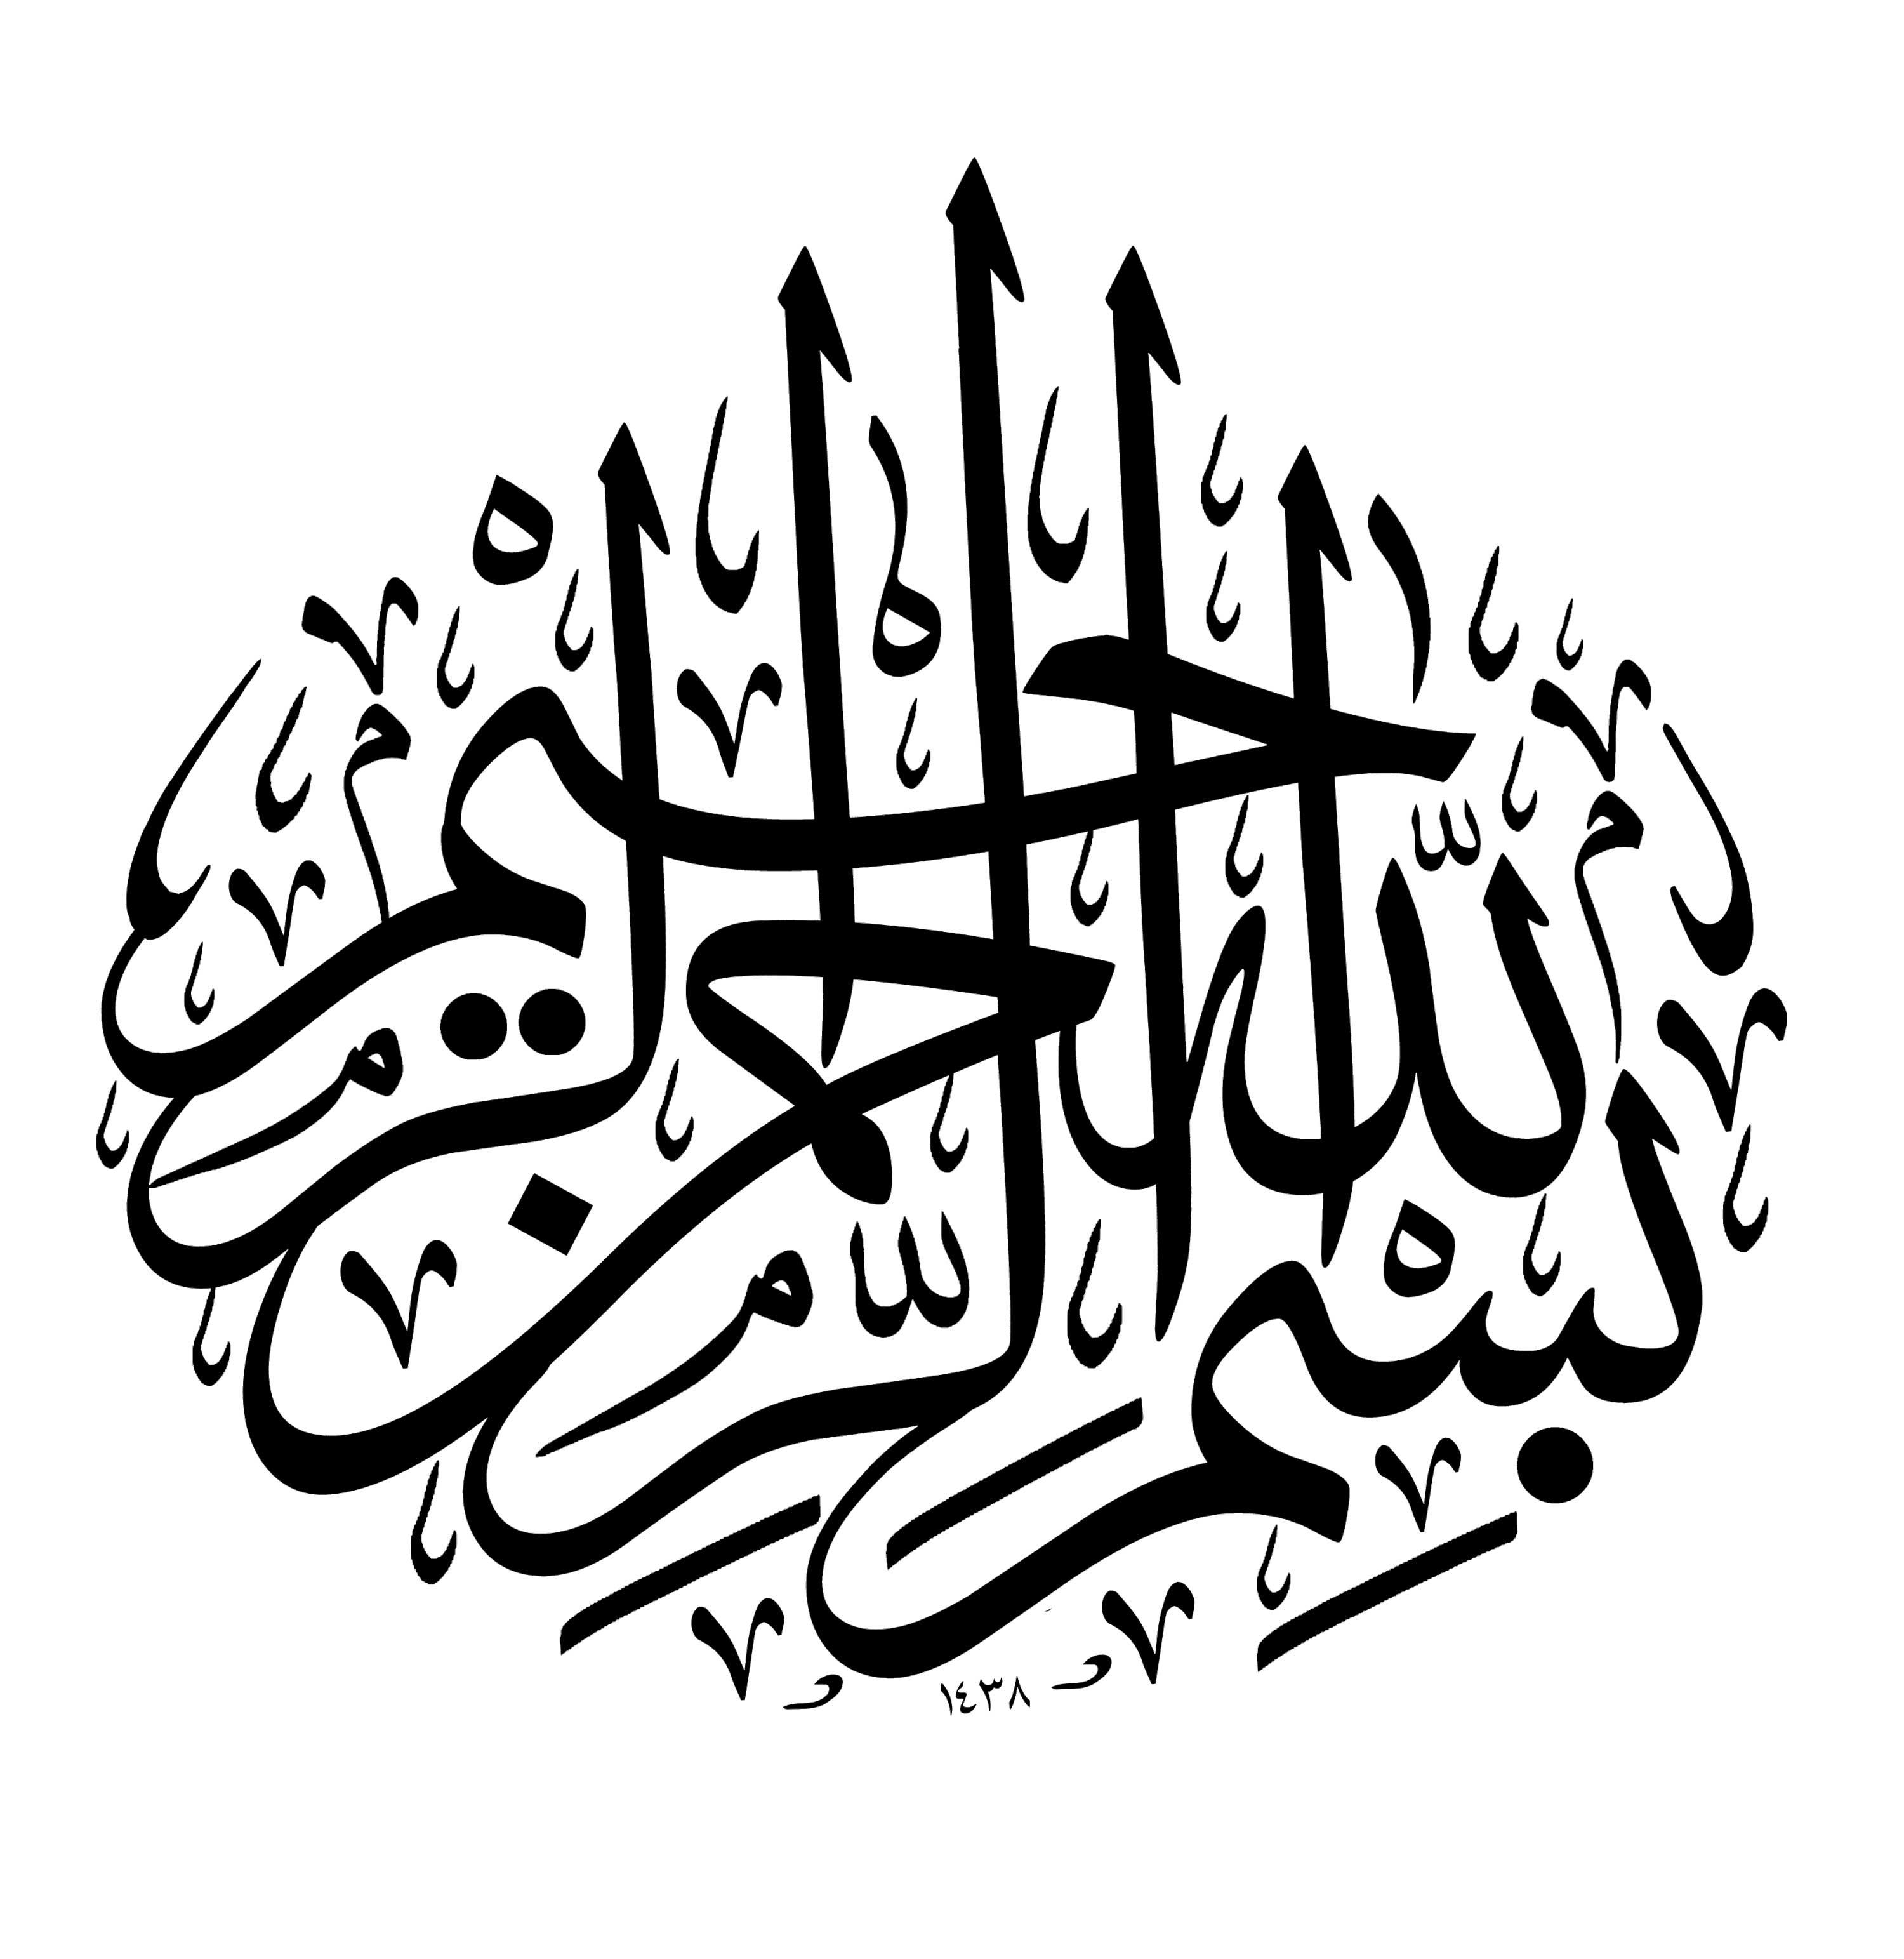 Ali 3d Name Wallpaper Free Download الخطوط الإسلامية مجانا بسملة